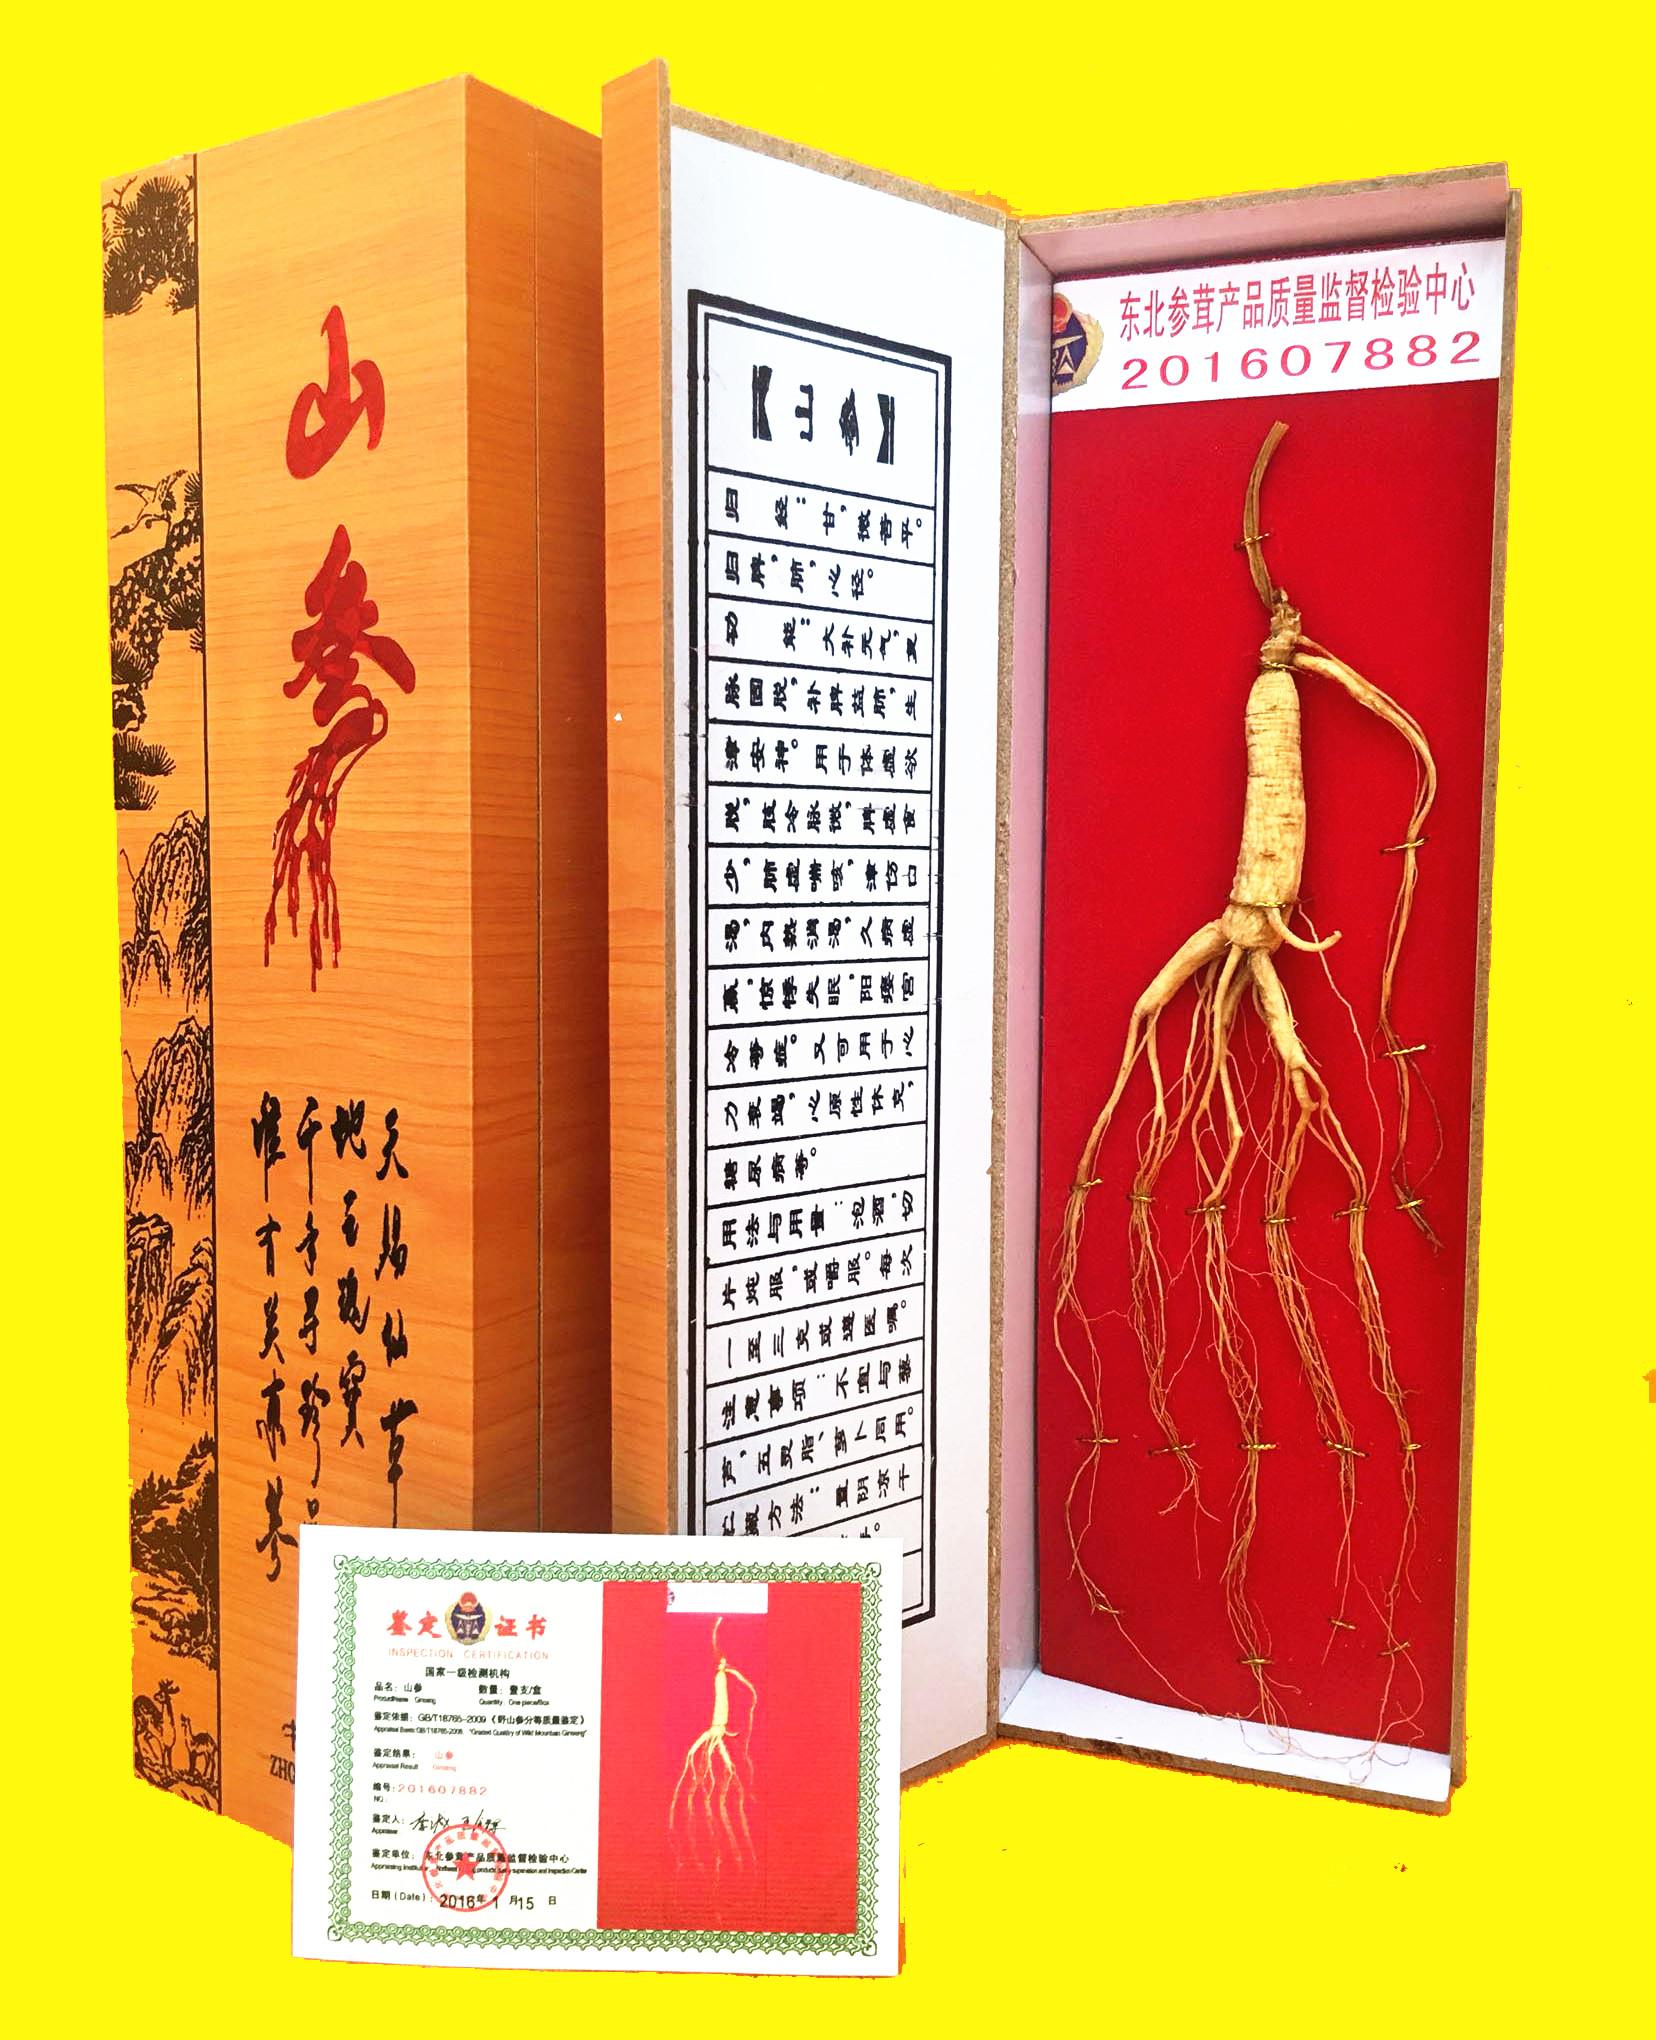 Белоснежный гора человек женьшень подарок к северо-востоку гора женьшень подарок дикий гора женьшень сдвиг завод человек участвовать подарок плюс сертификат 10 юаней